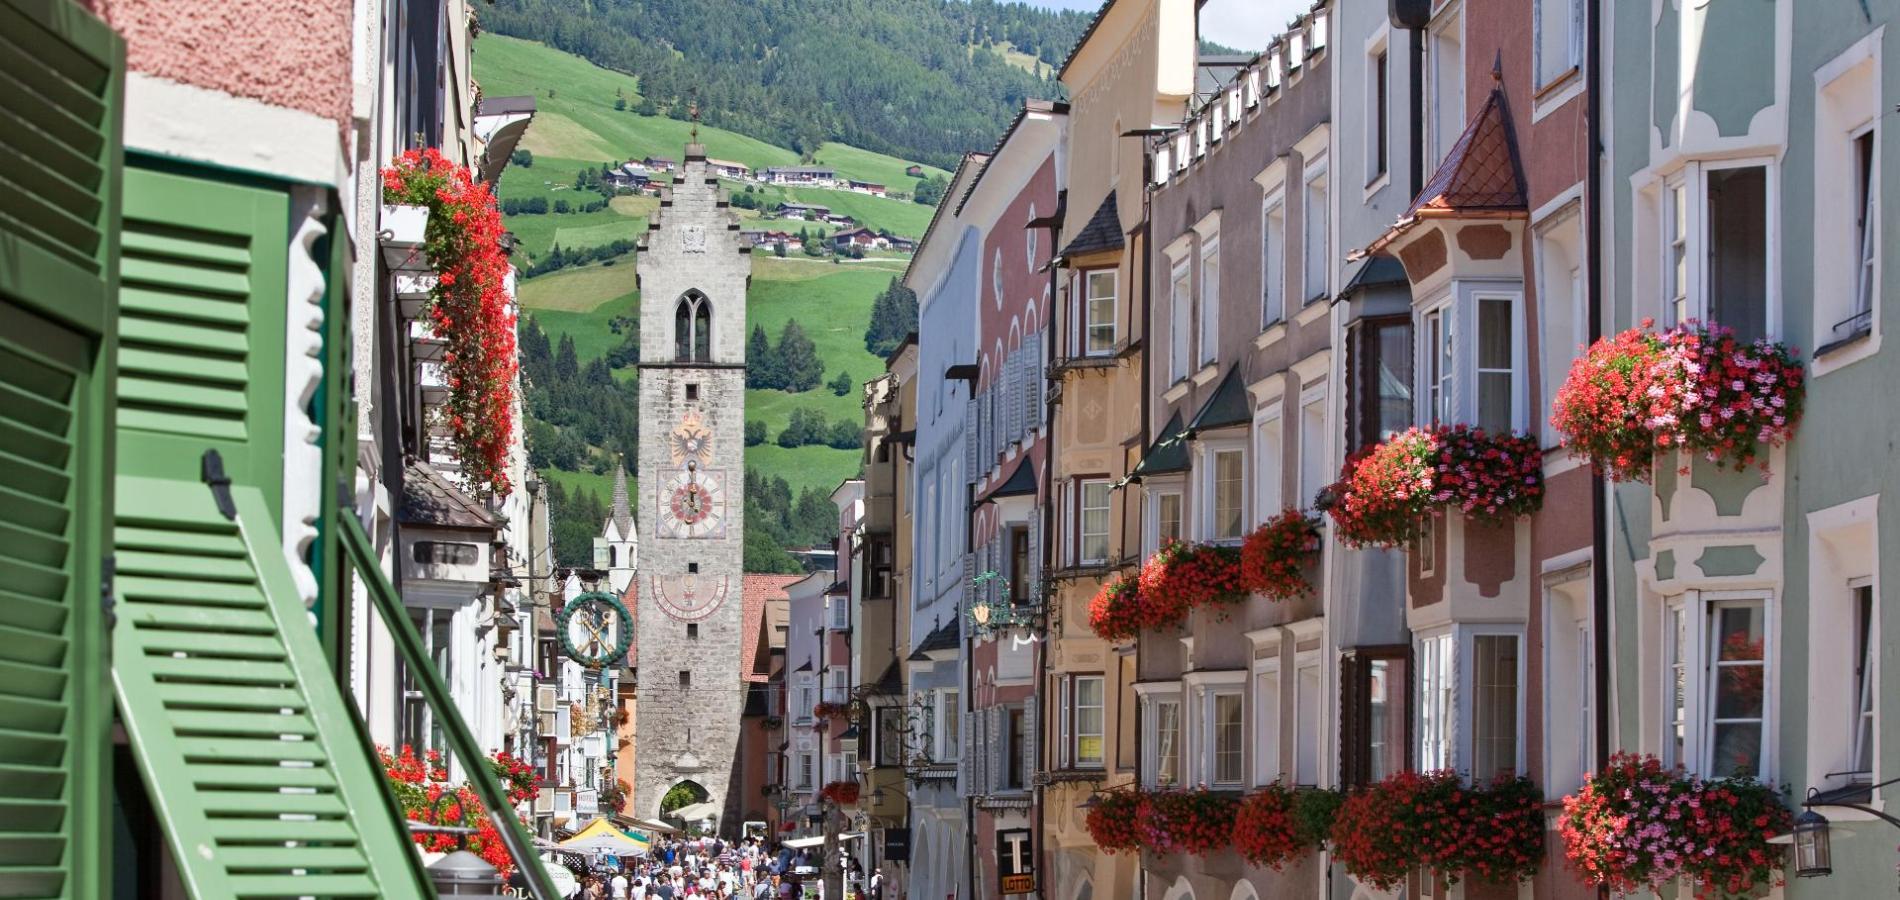 Willkommen in Sterzing - der nördlichsten Stadt Italiens